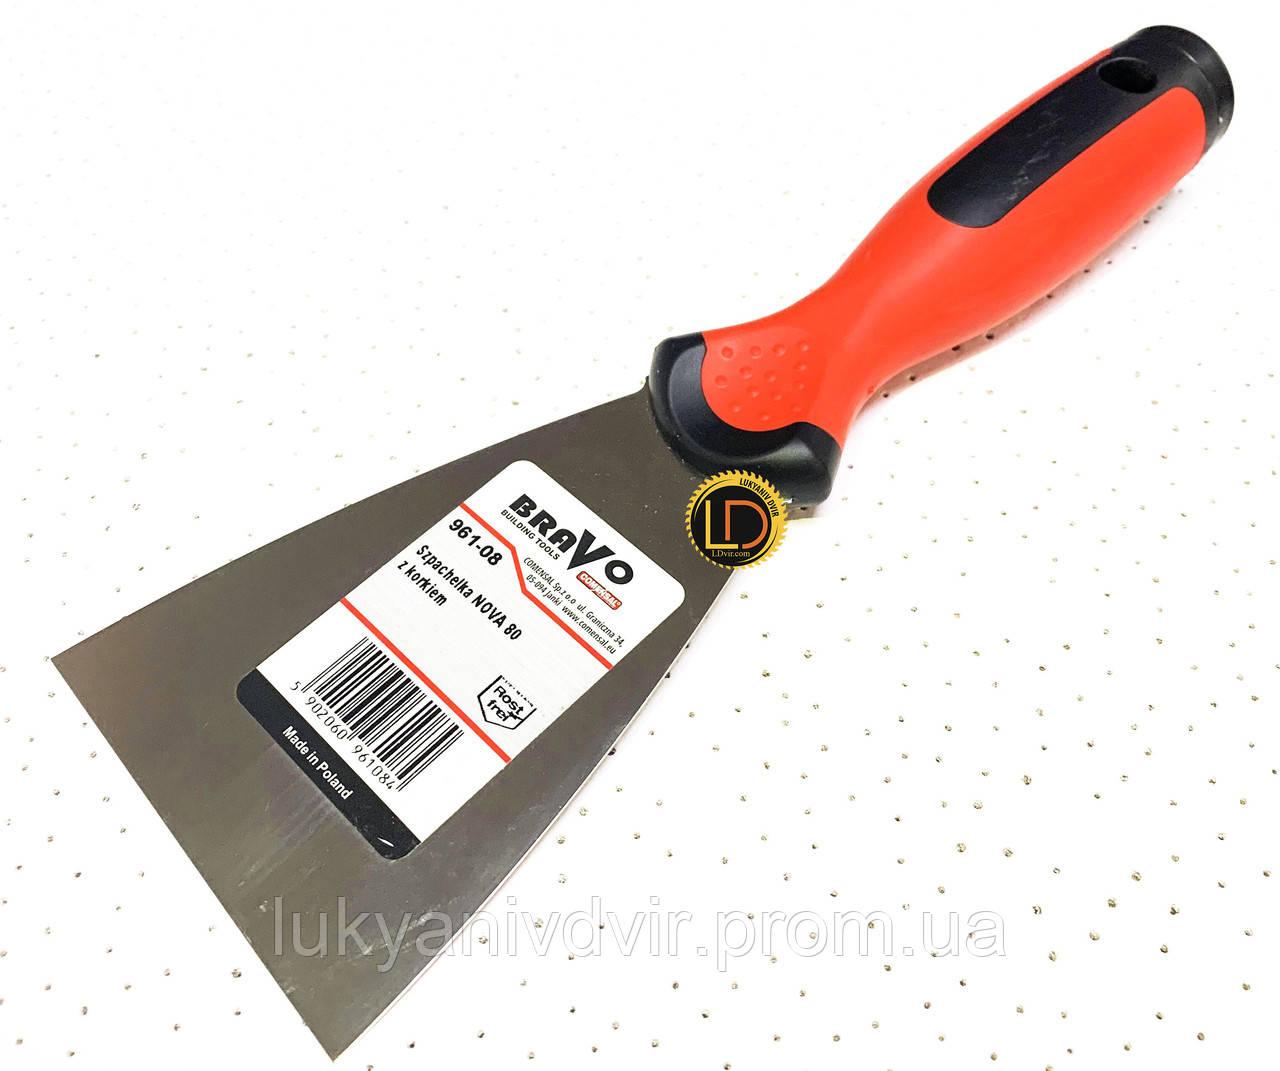 Шпатель с круглой ручкой BRAVO-SOFT Comensal 120 мм